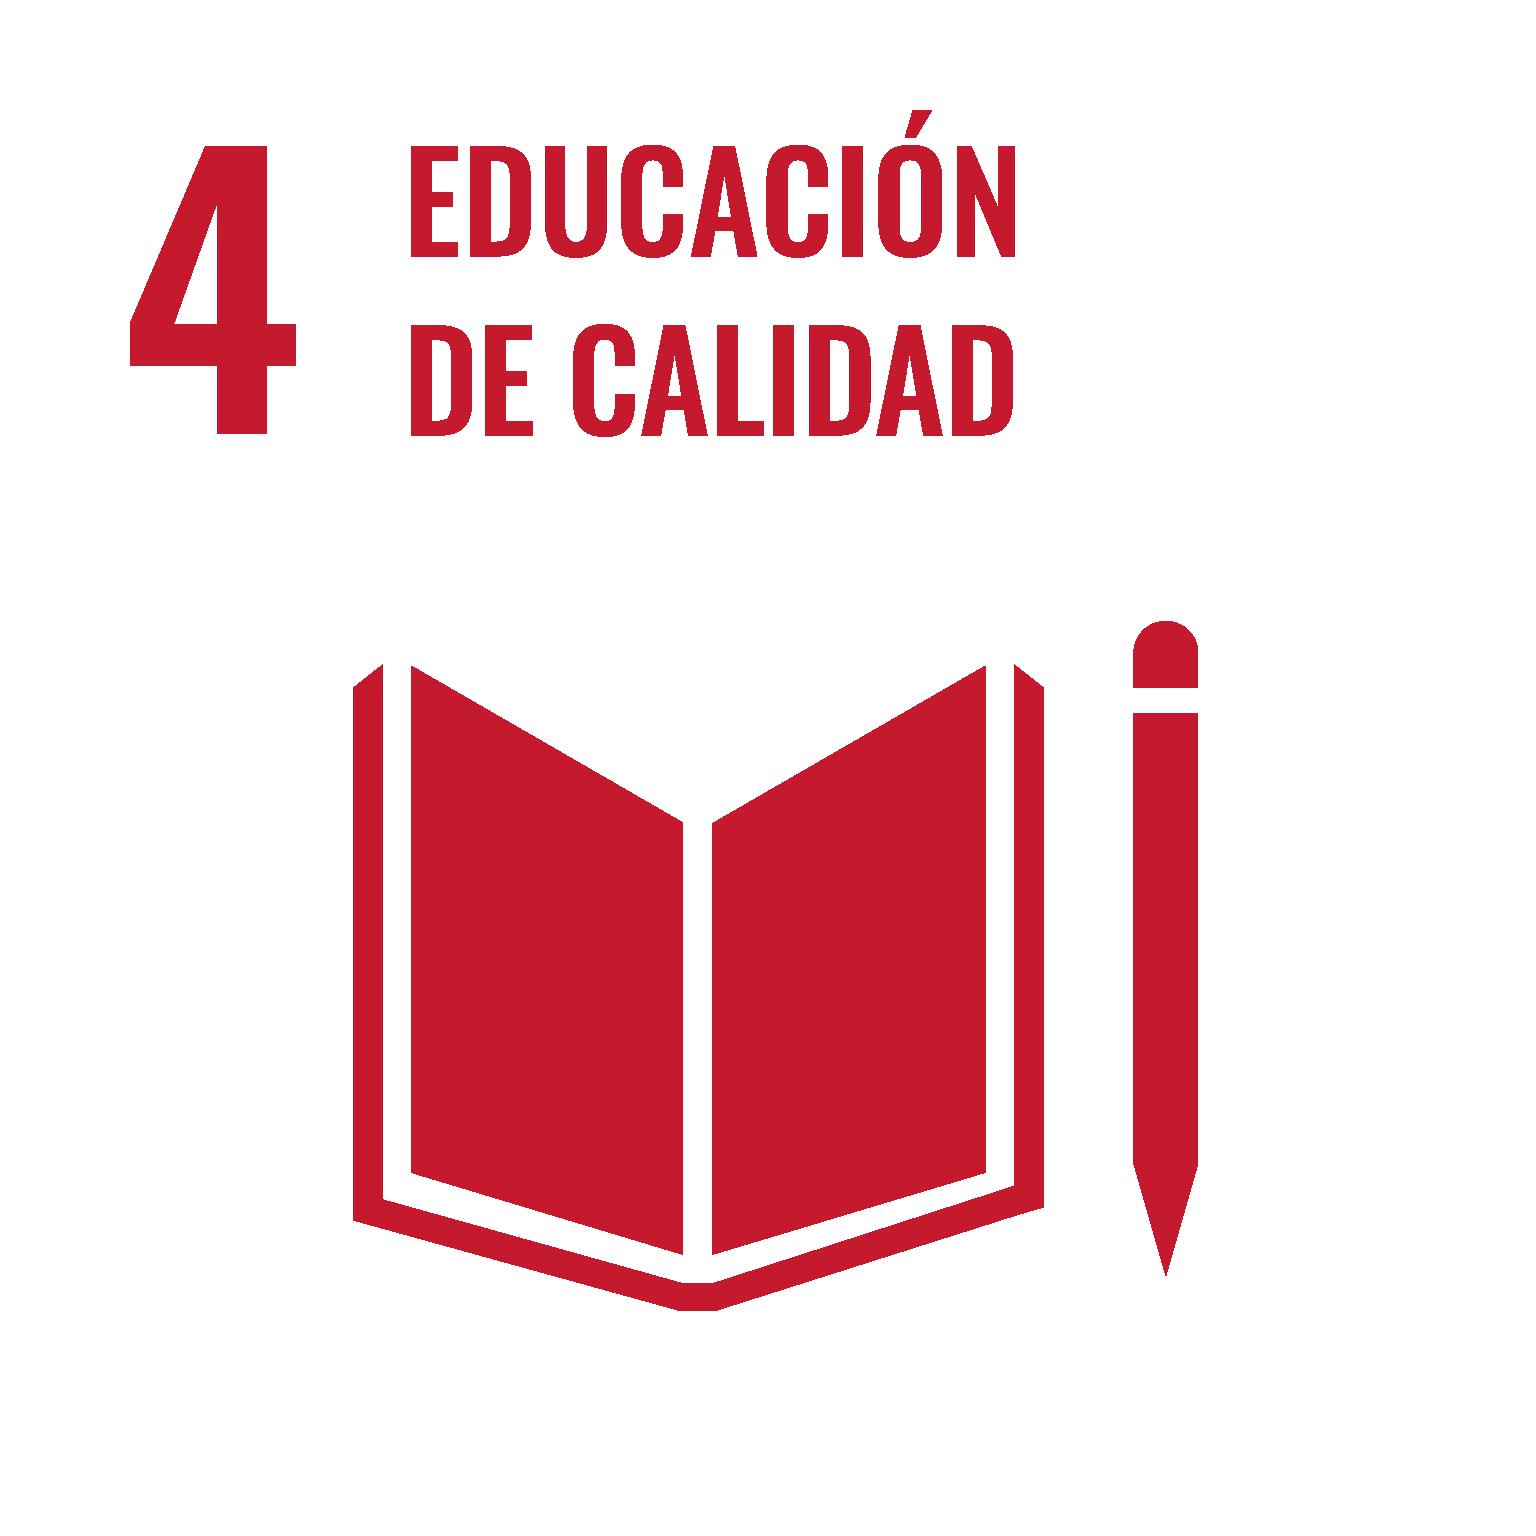 Objetivos de la onu educación de calidad